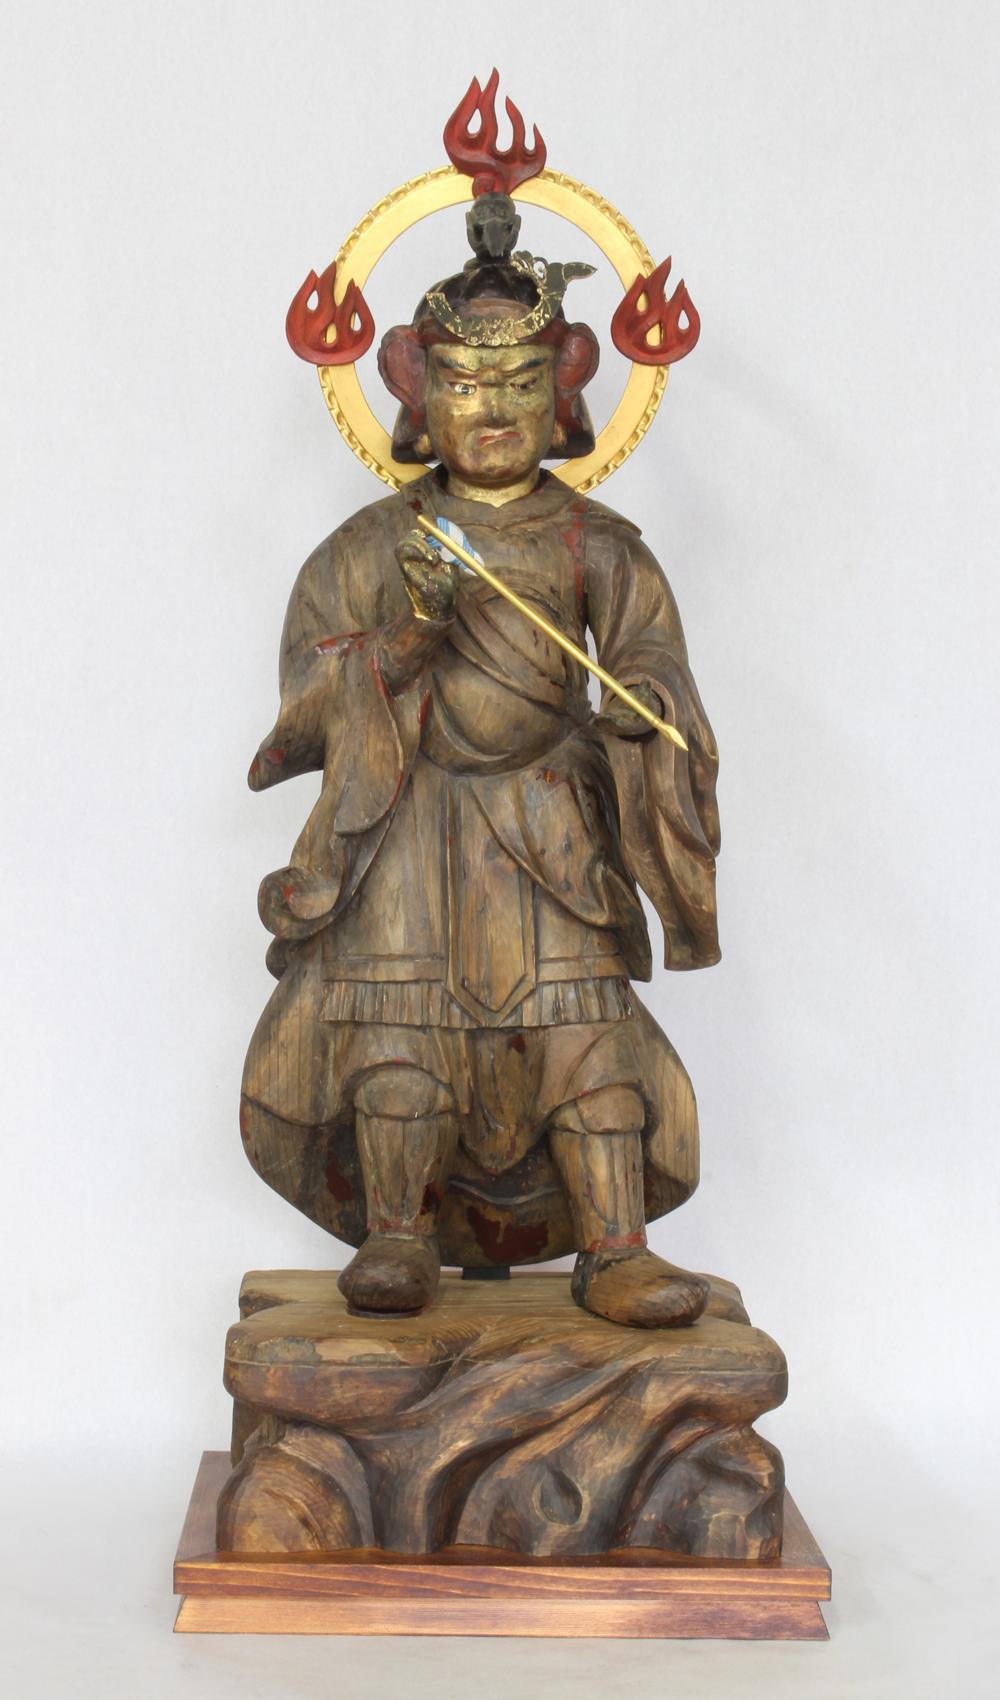 辰神像(文化財展より)